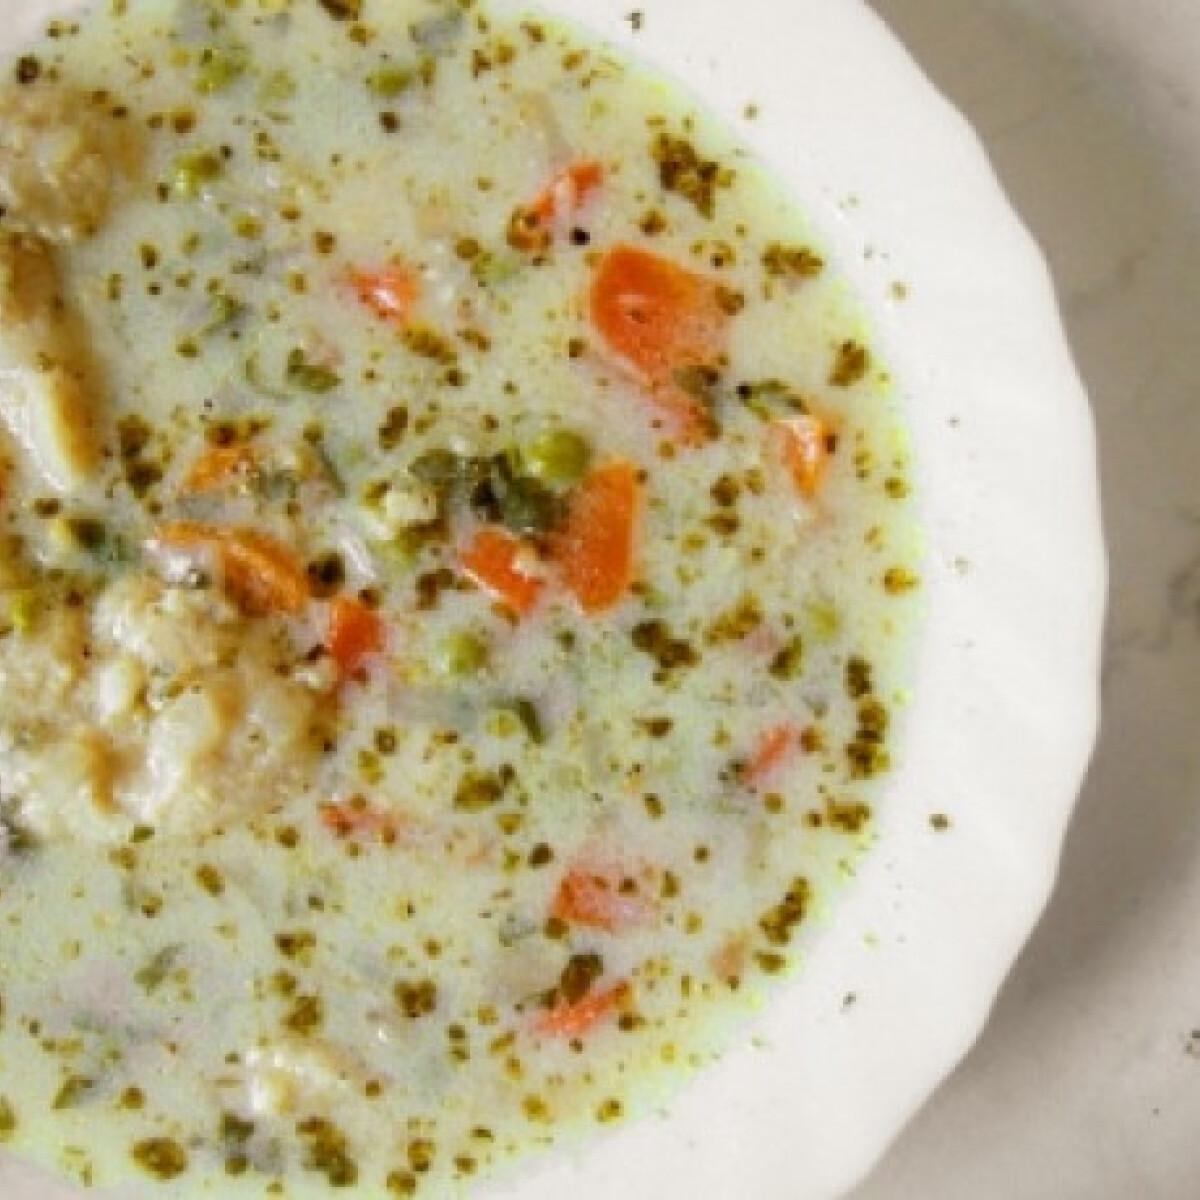 Tejfölös tavaszi leves sajtgaluskával